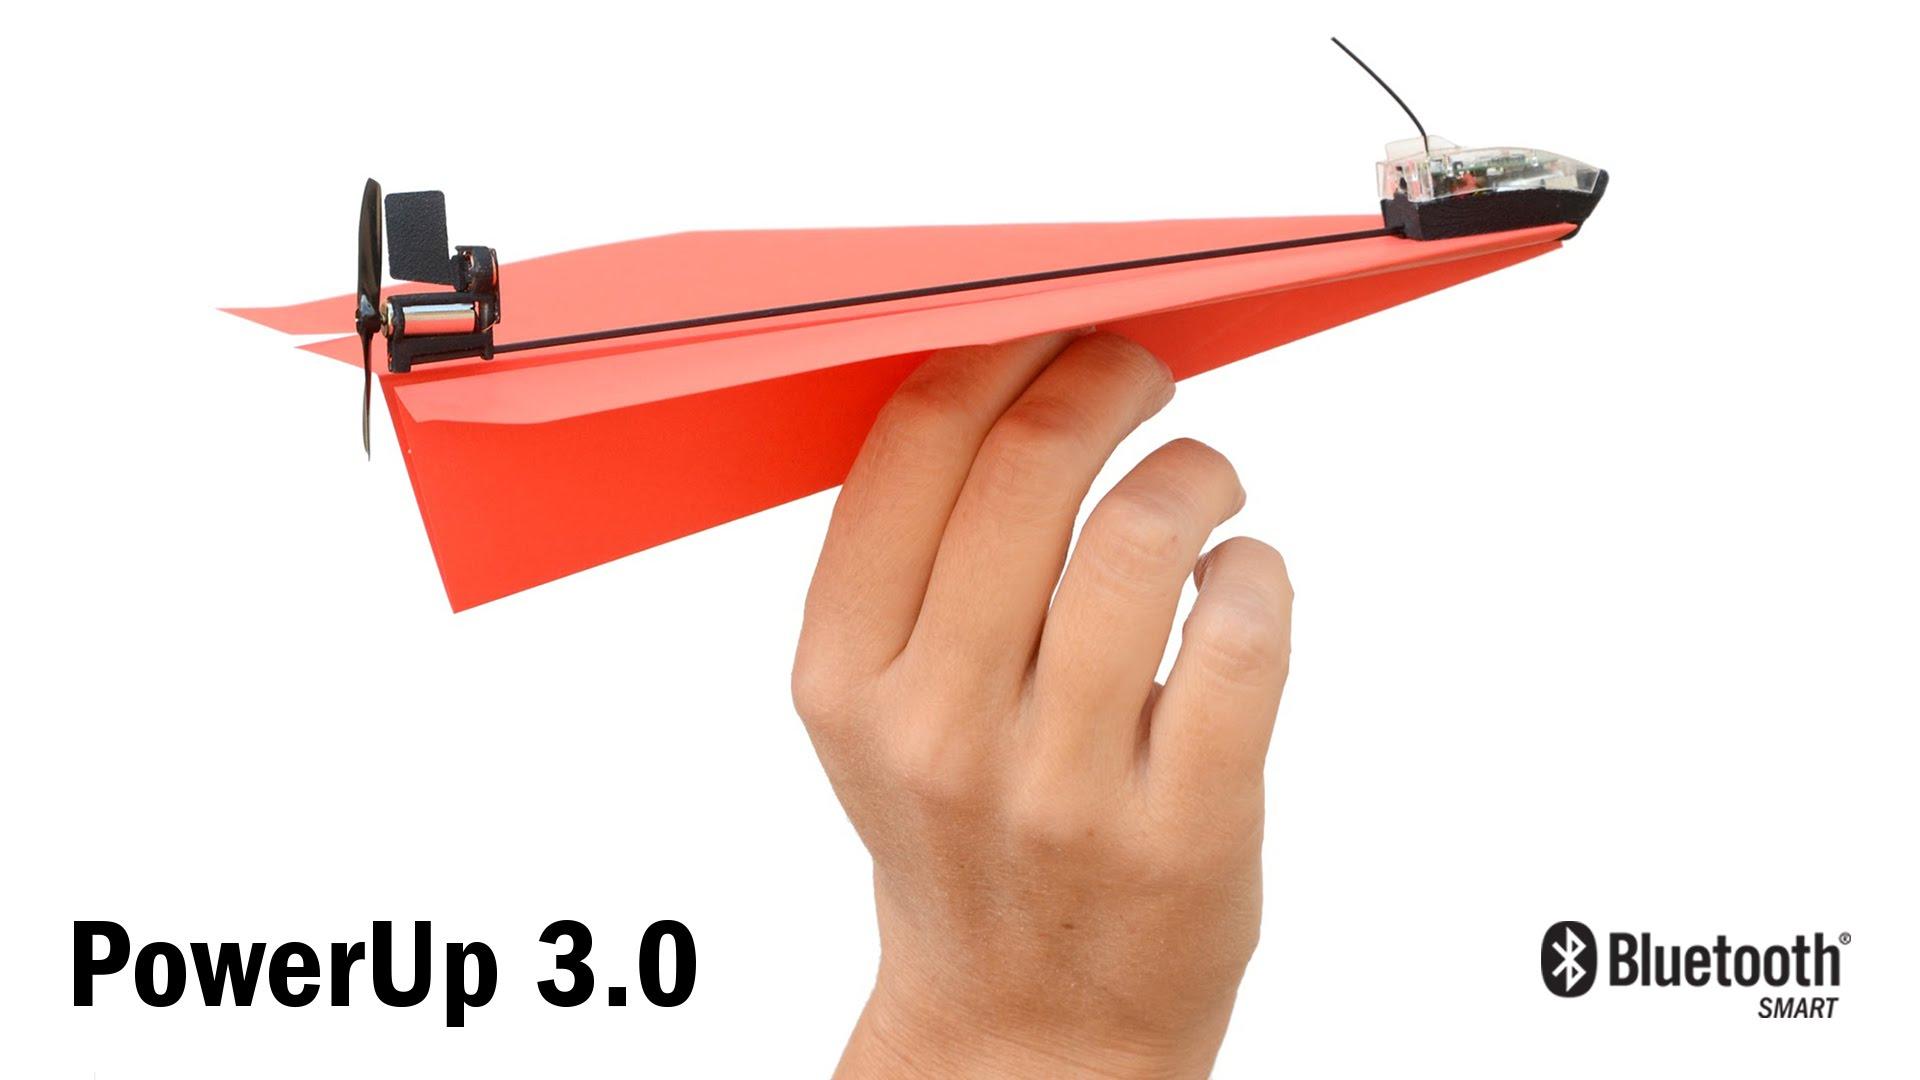 加裝 PowerUp 3.0 的『紙』飛機